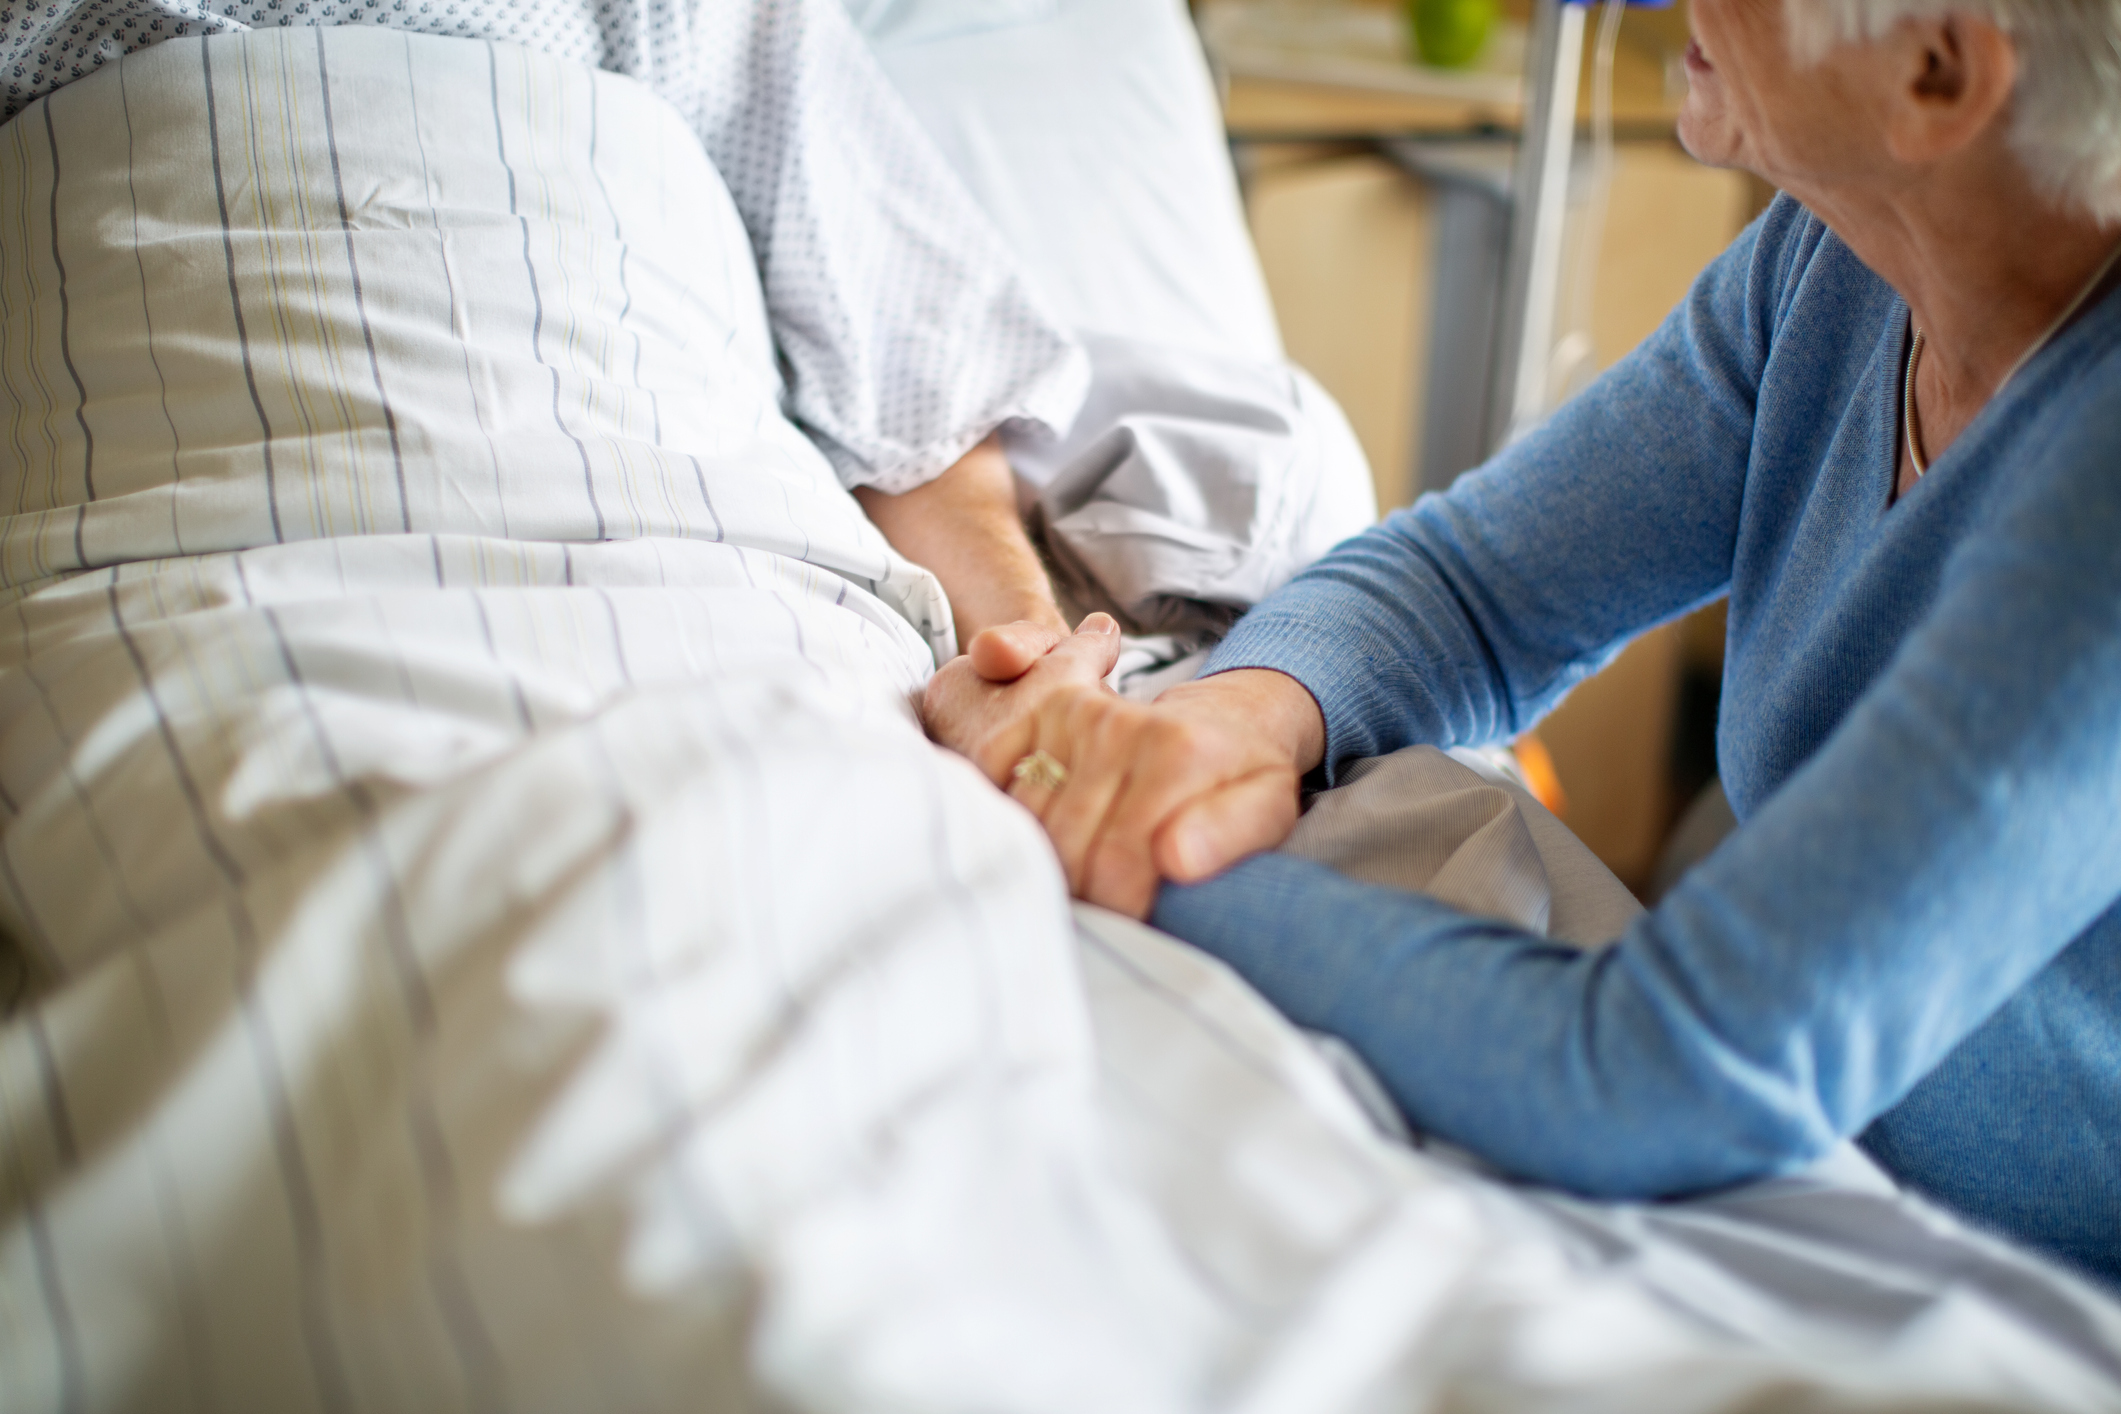 Qui peut donner des soins de confort?